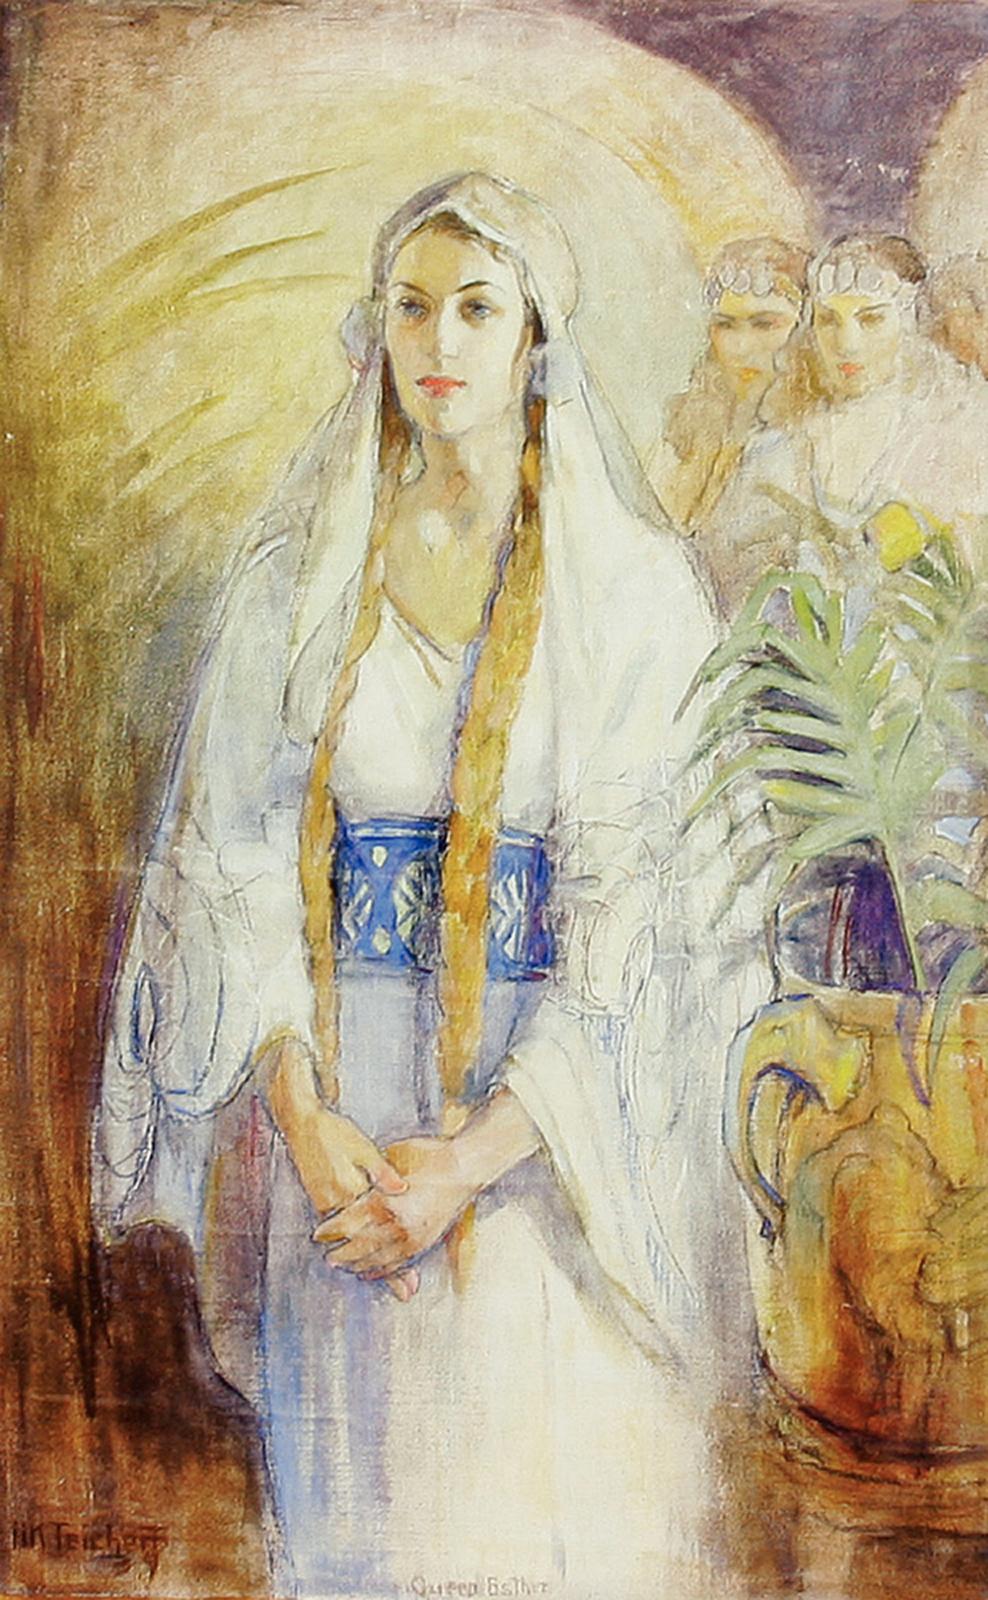 Esther (Queen Esther)